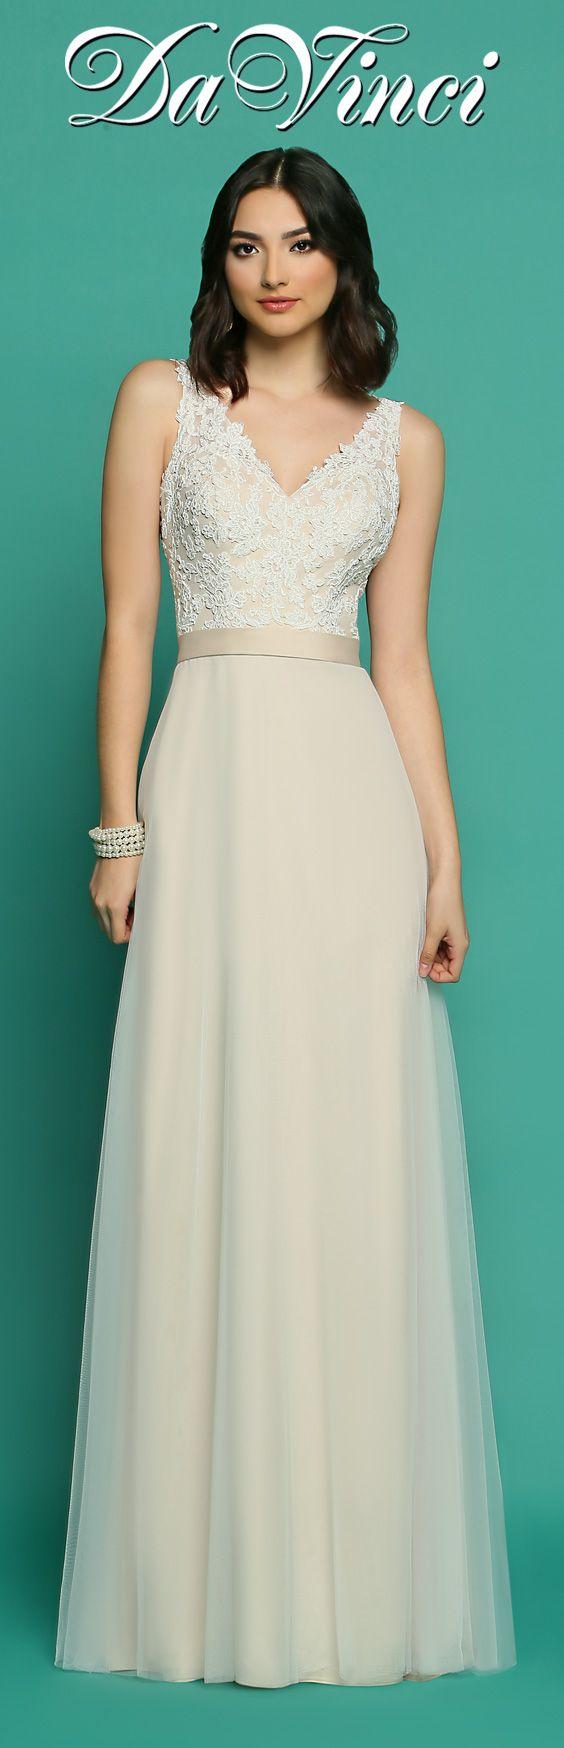 138 besten wedding dress 7 Bilder auf Pinterest | Hochzeitskleider ...